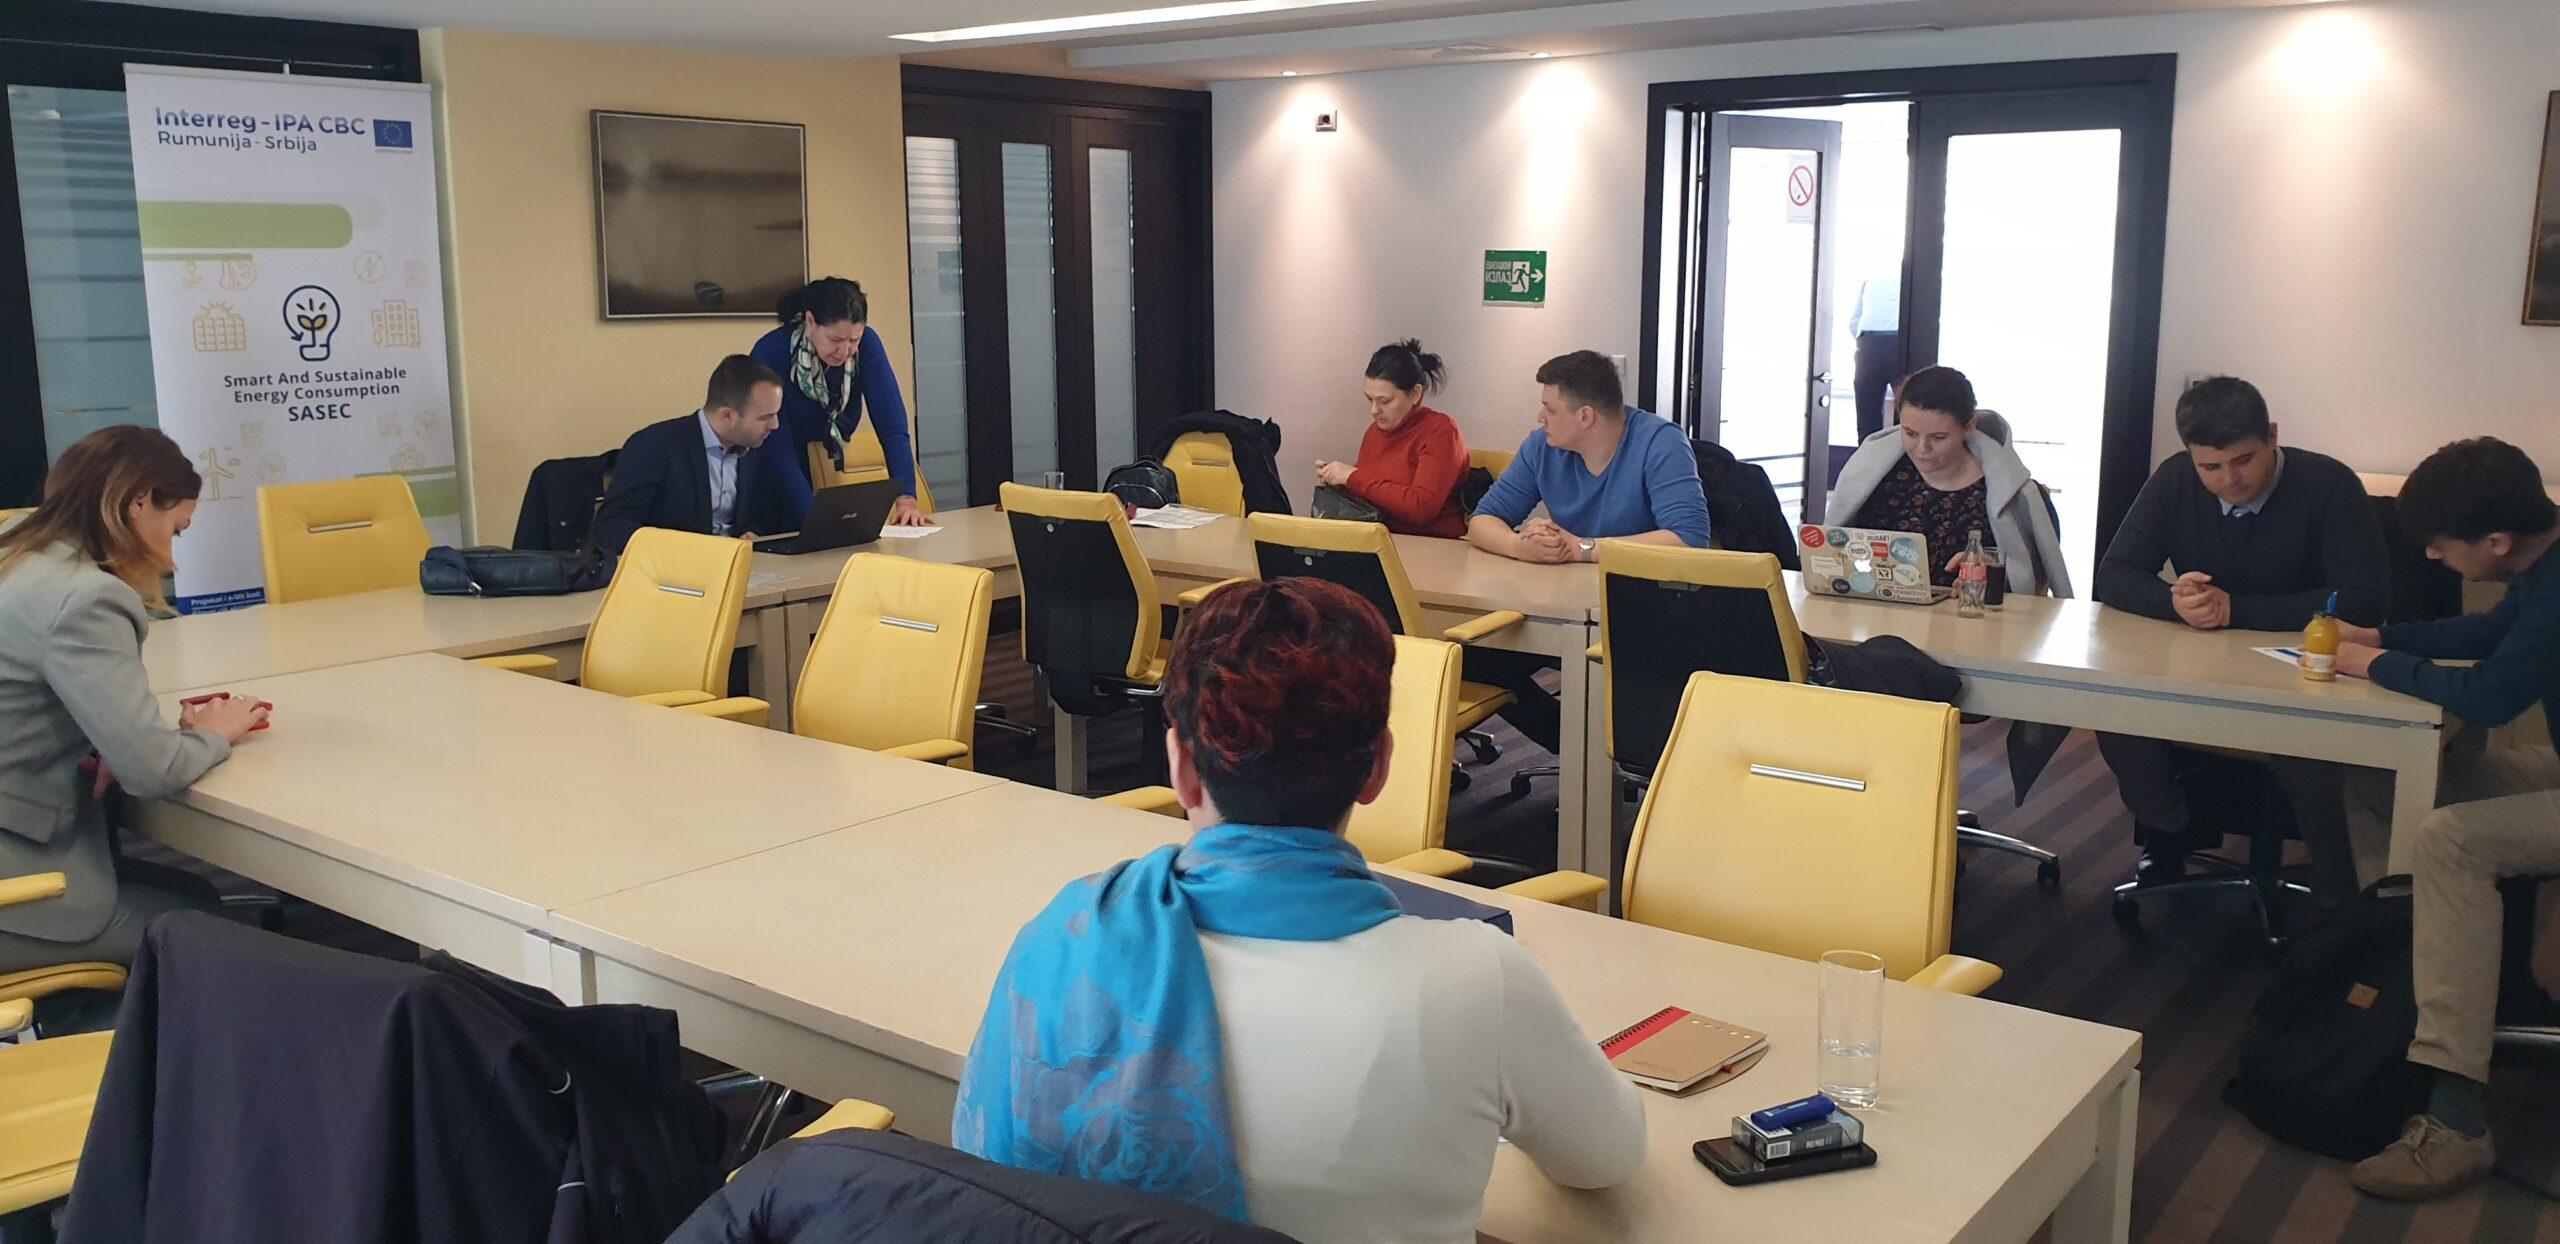 Treći sastanak projektnog tima – SASEC